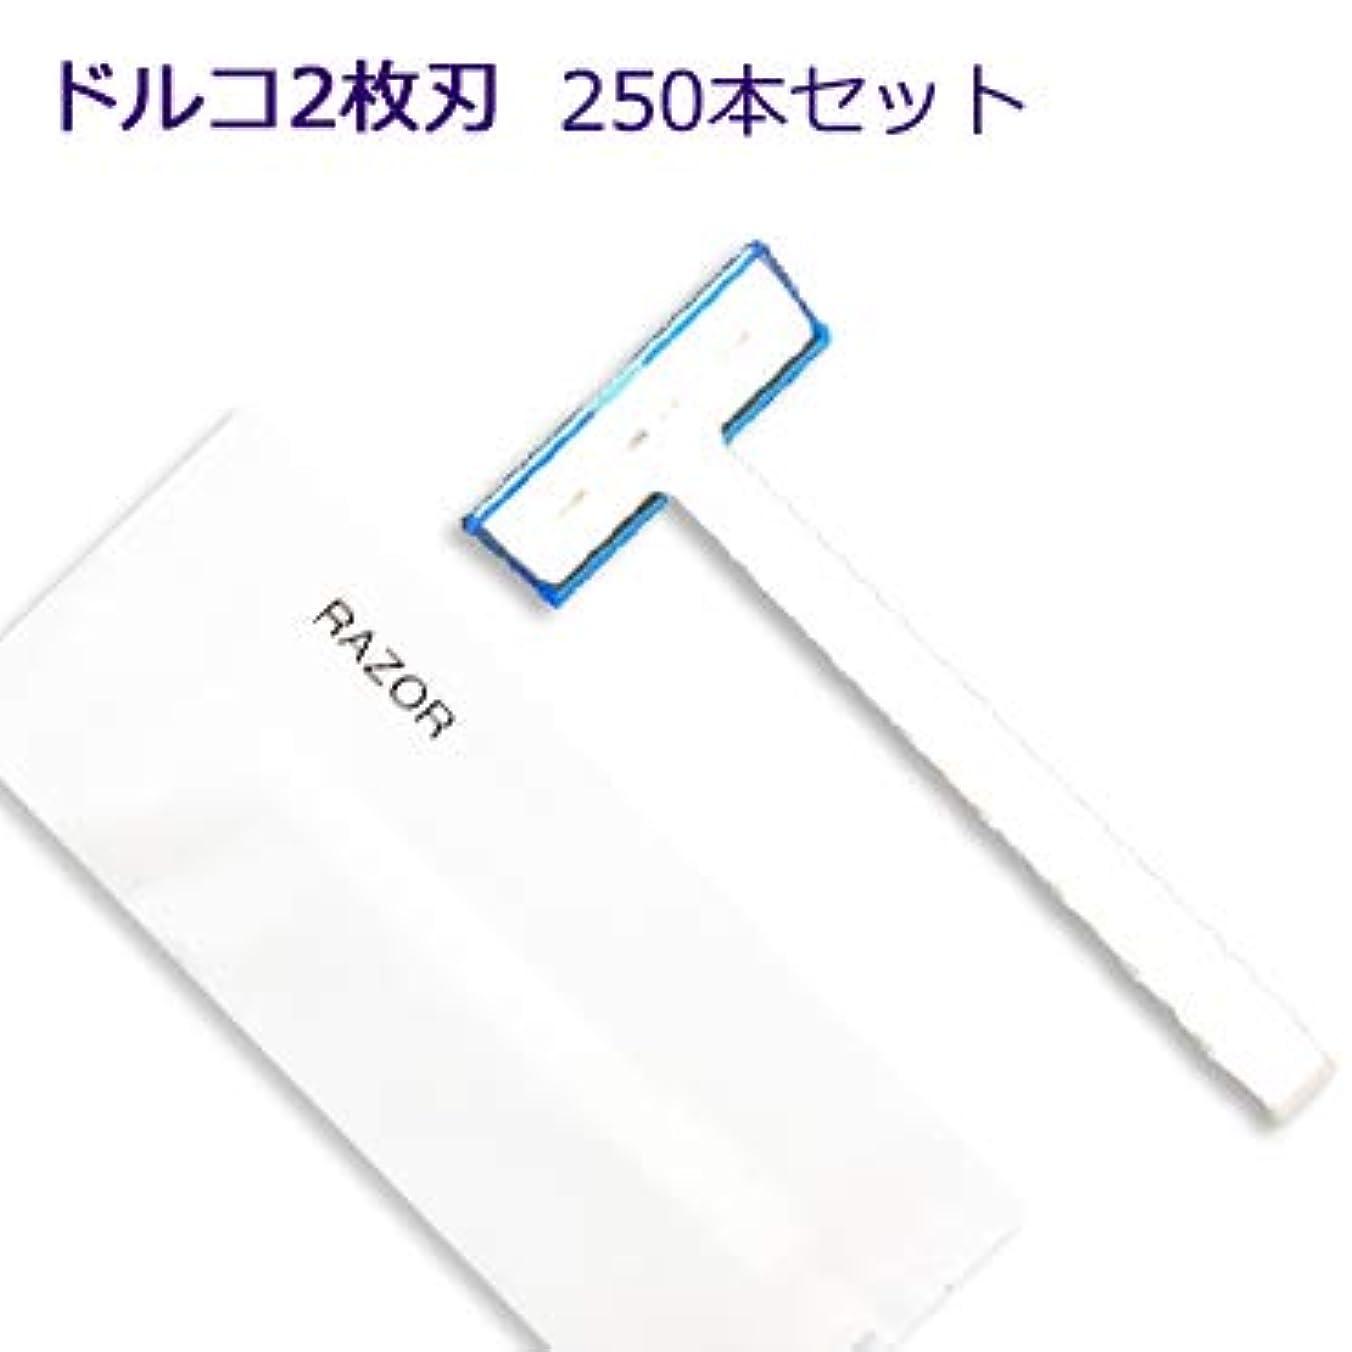 カメ直接アクロバットホテル業務用 カミソリ マットシリーズ ドルコ 2枚刃 (1セット250個入)